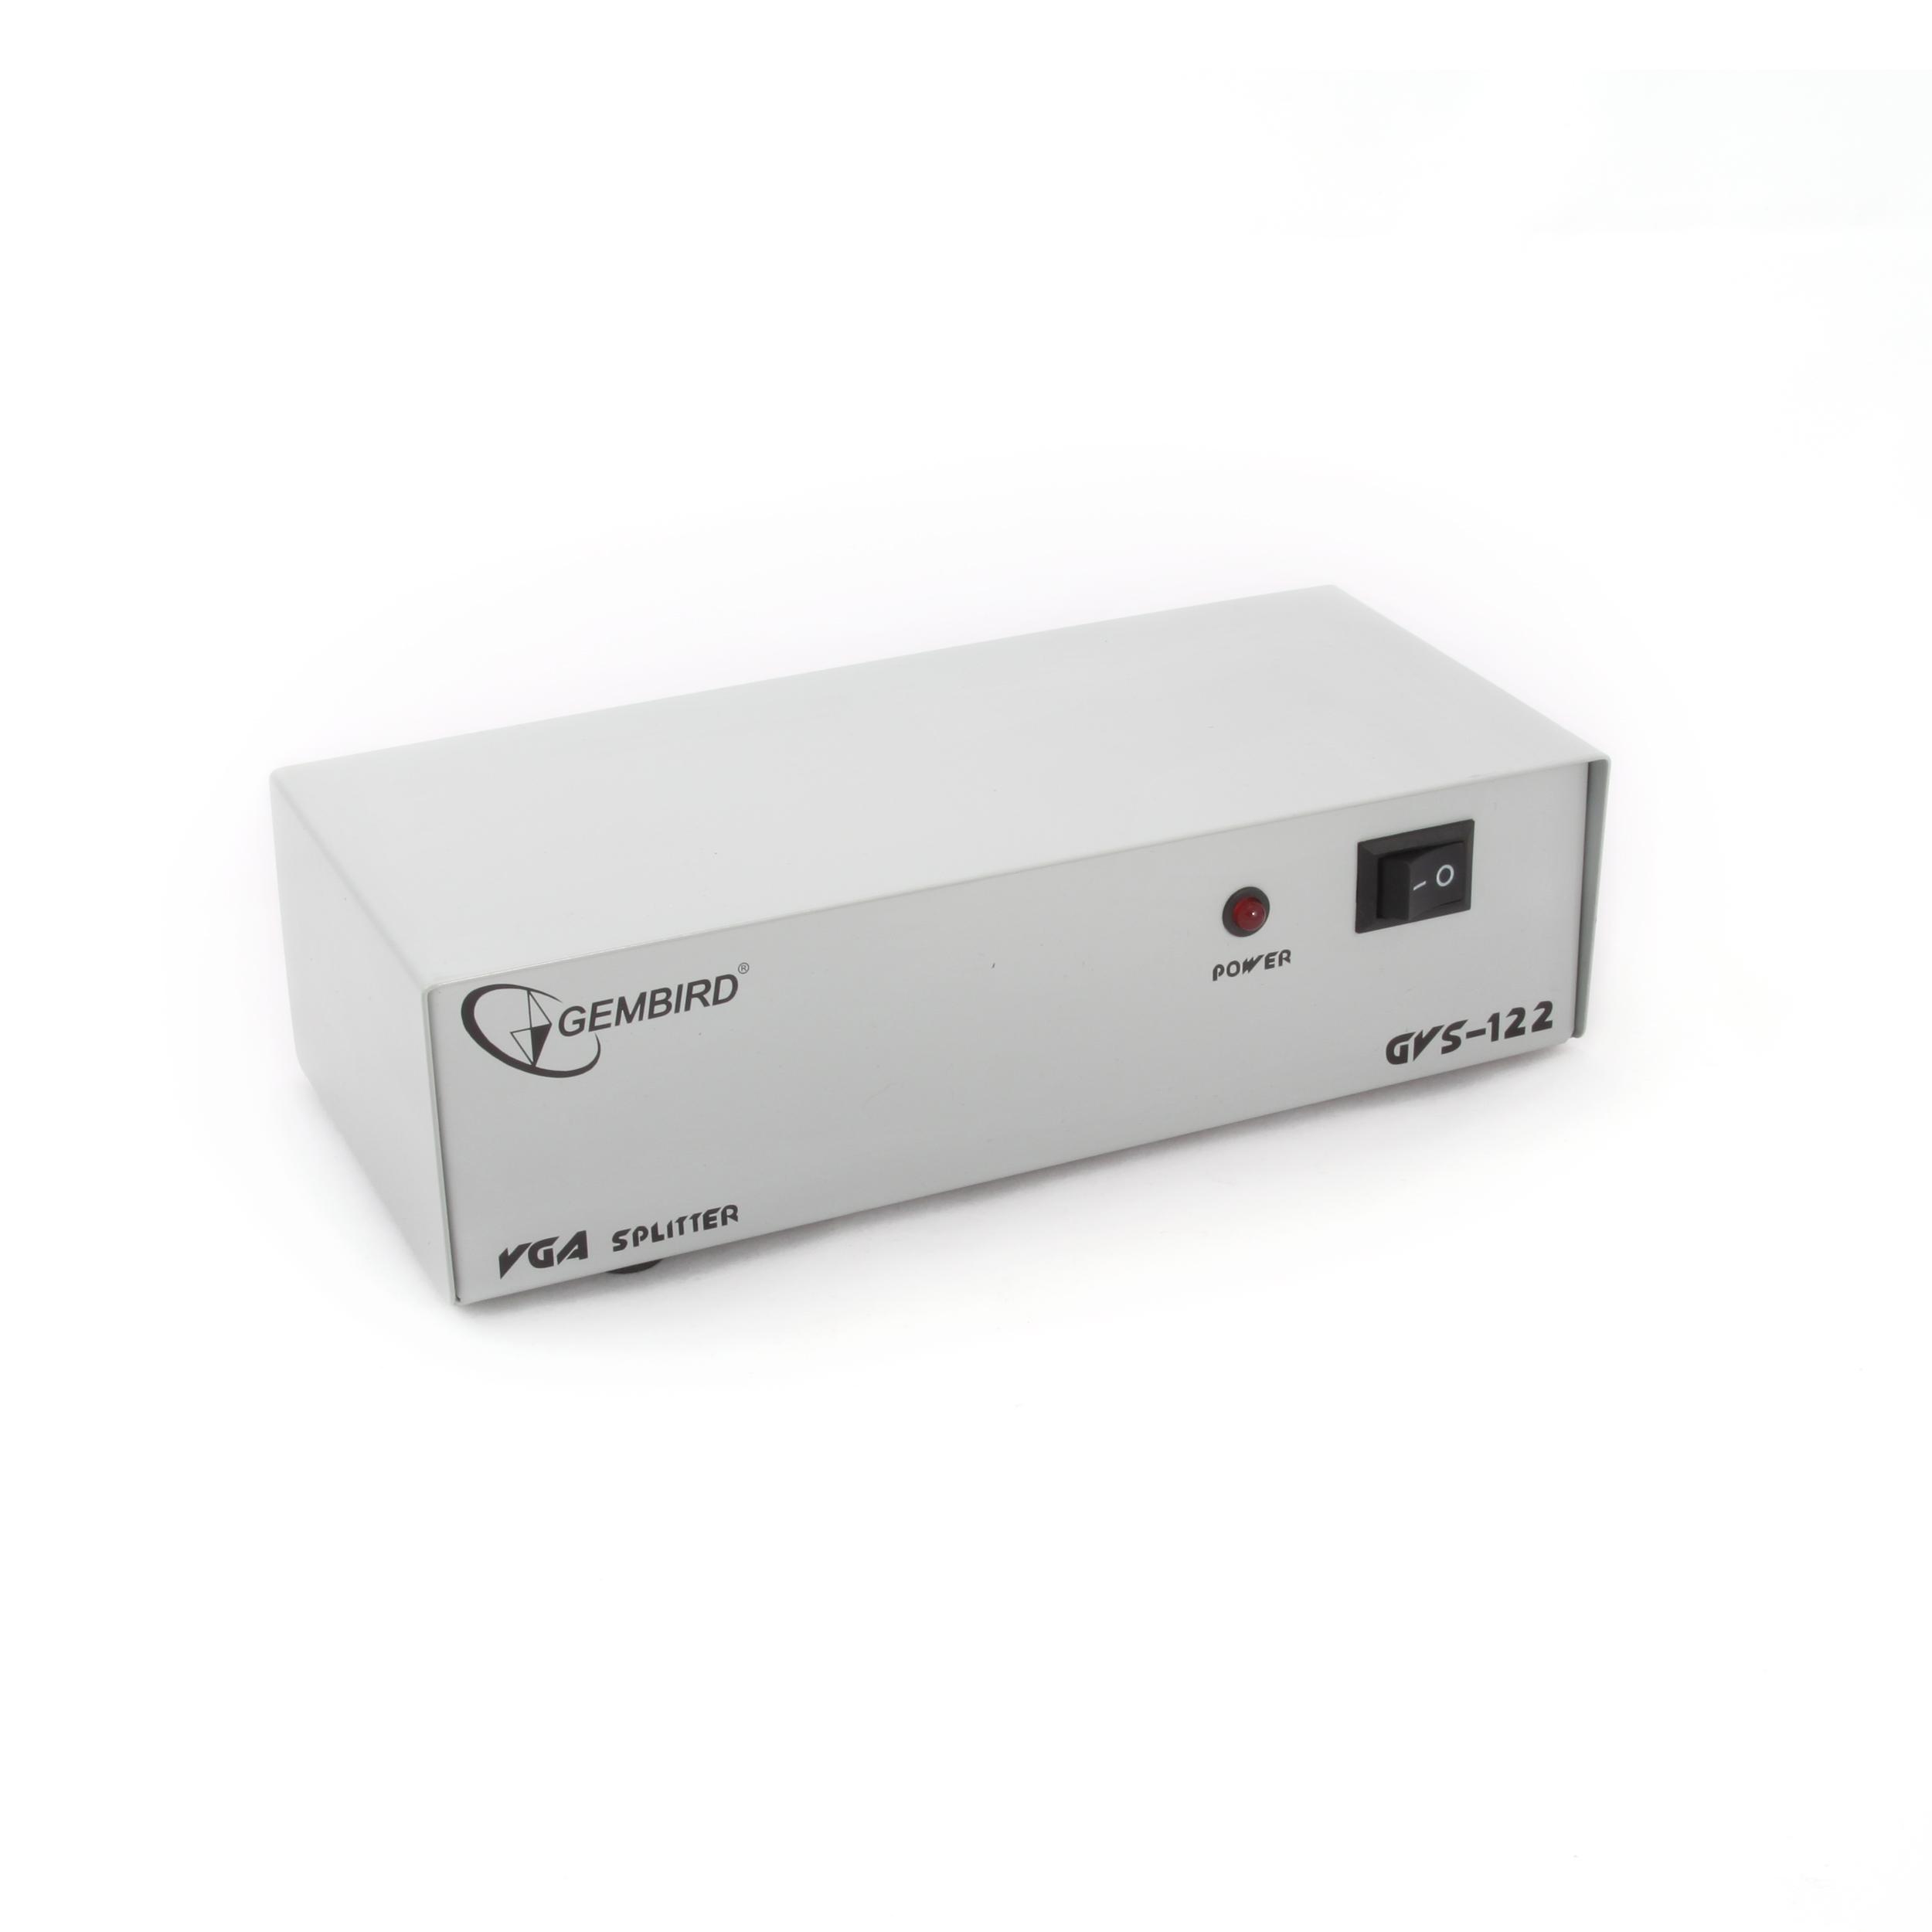 Vga Splitter 2 Port Gvs122 Converter Spliter 909 Kb